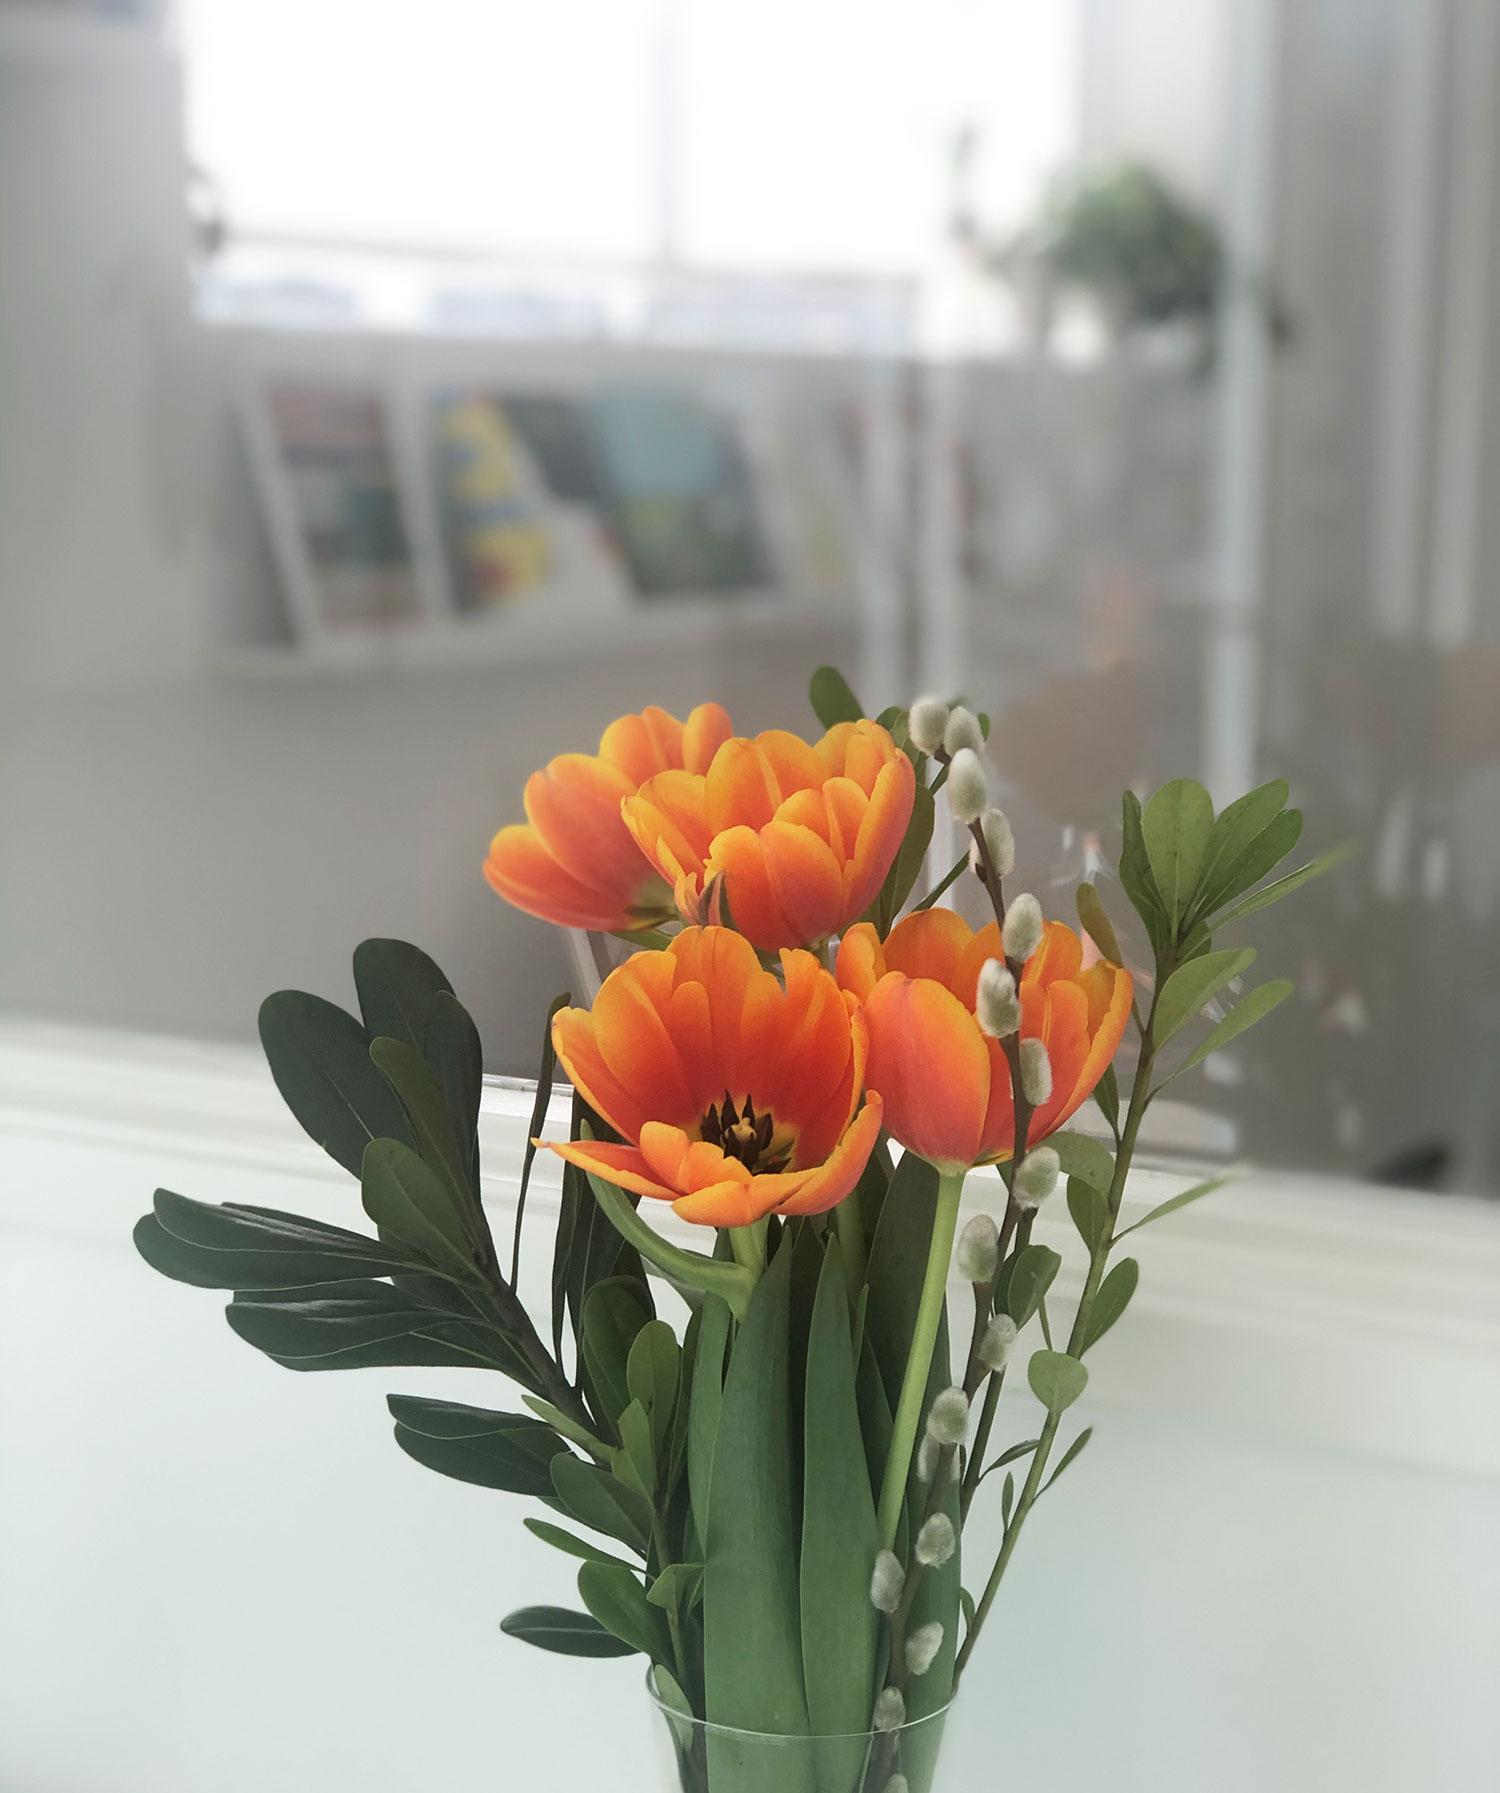 recspecgallery_flowers